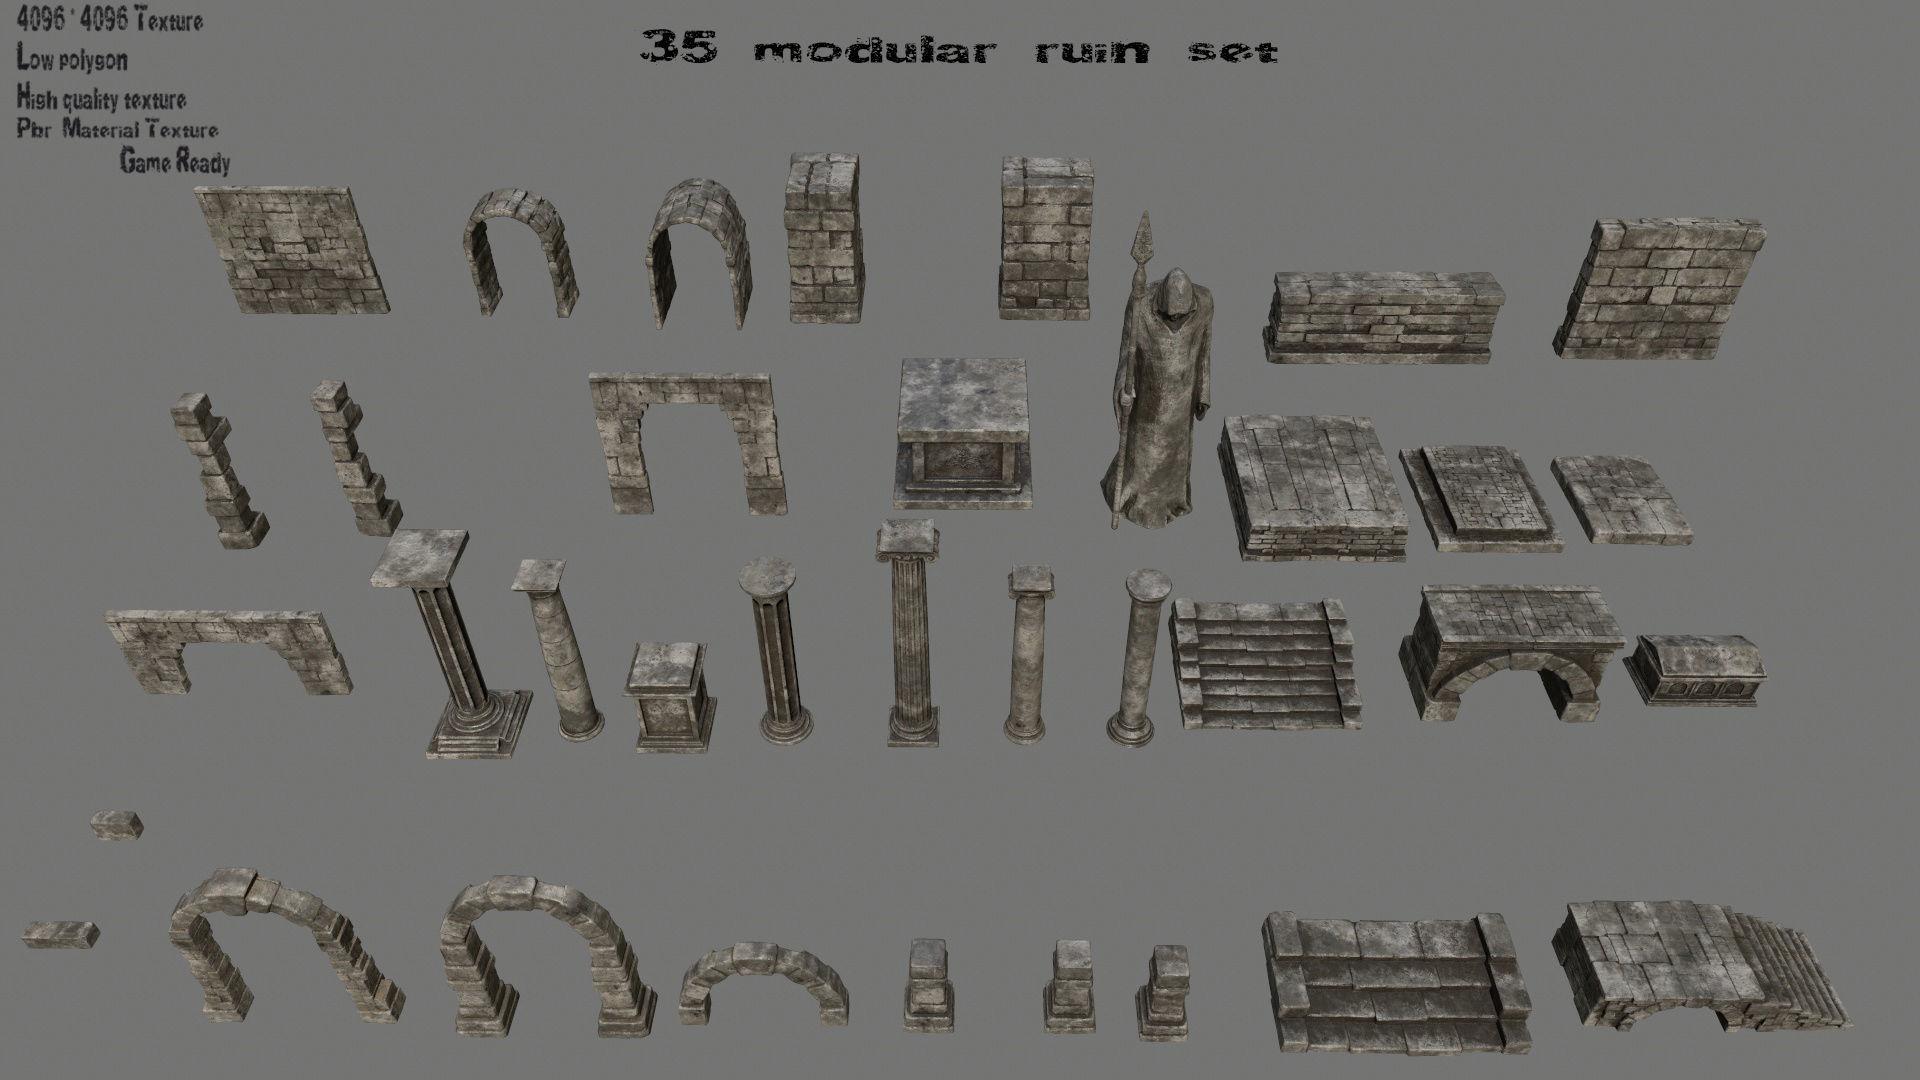 ruin set 1